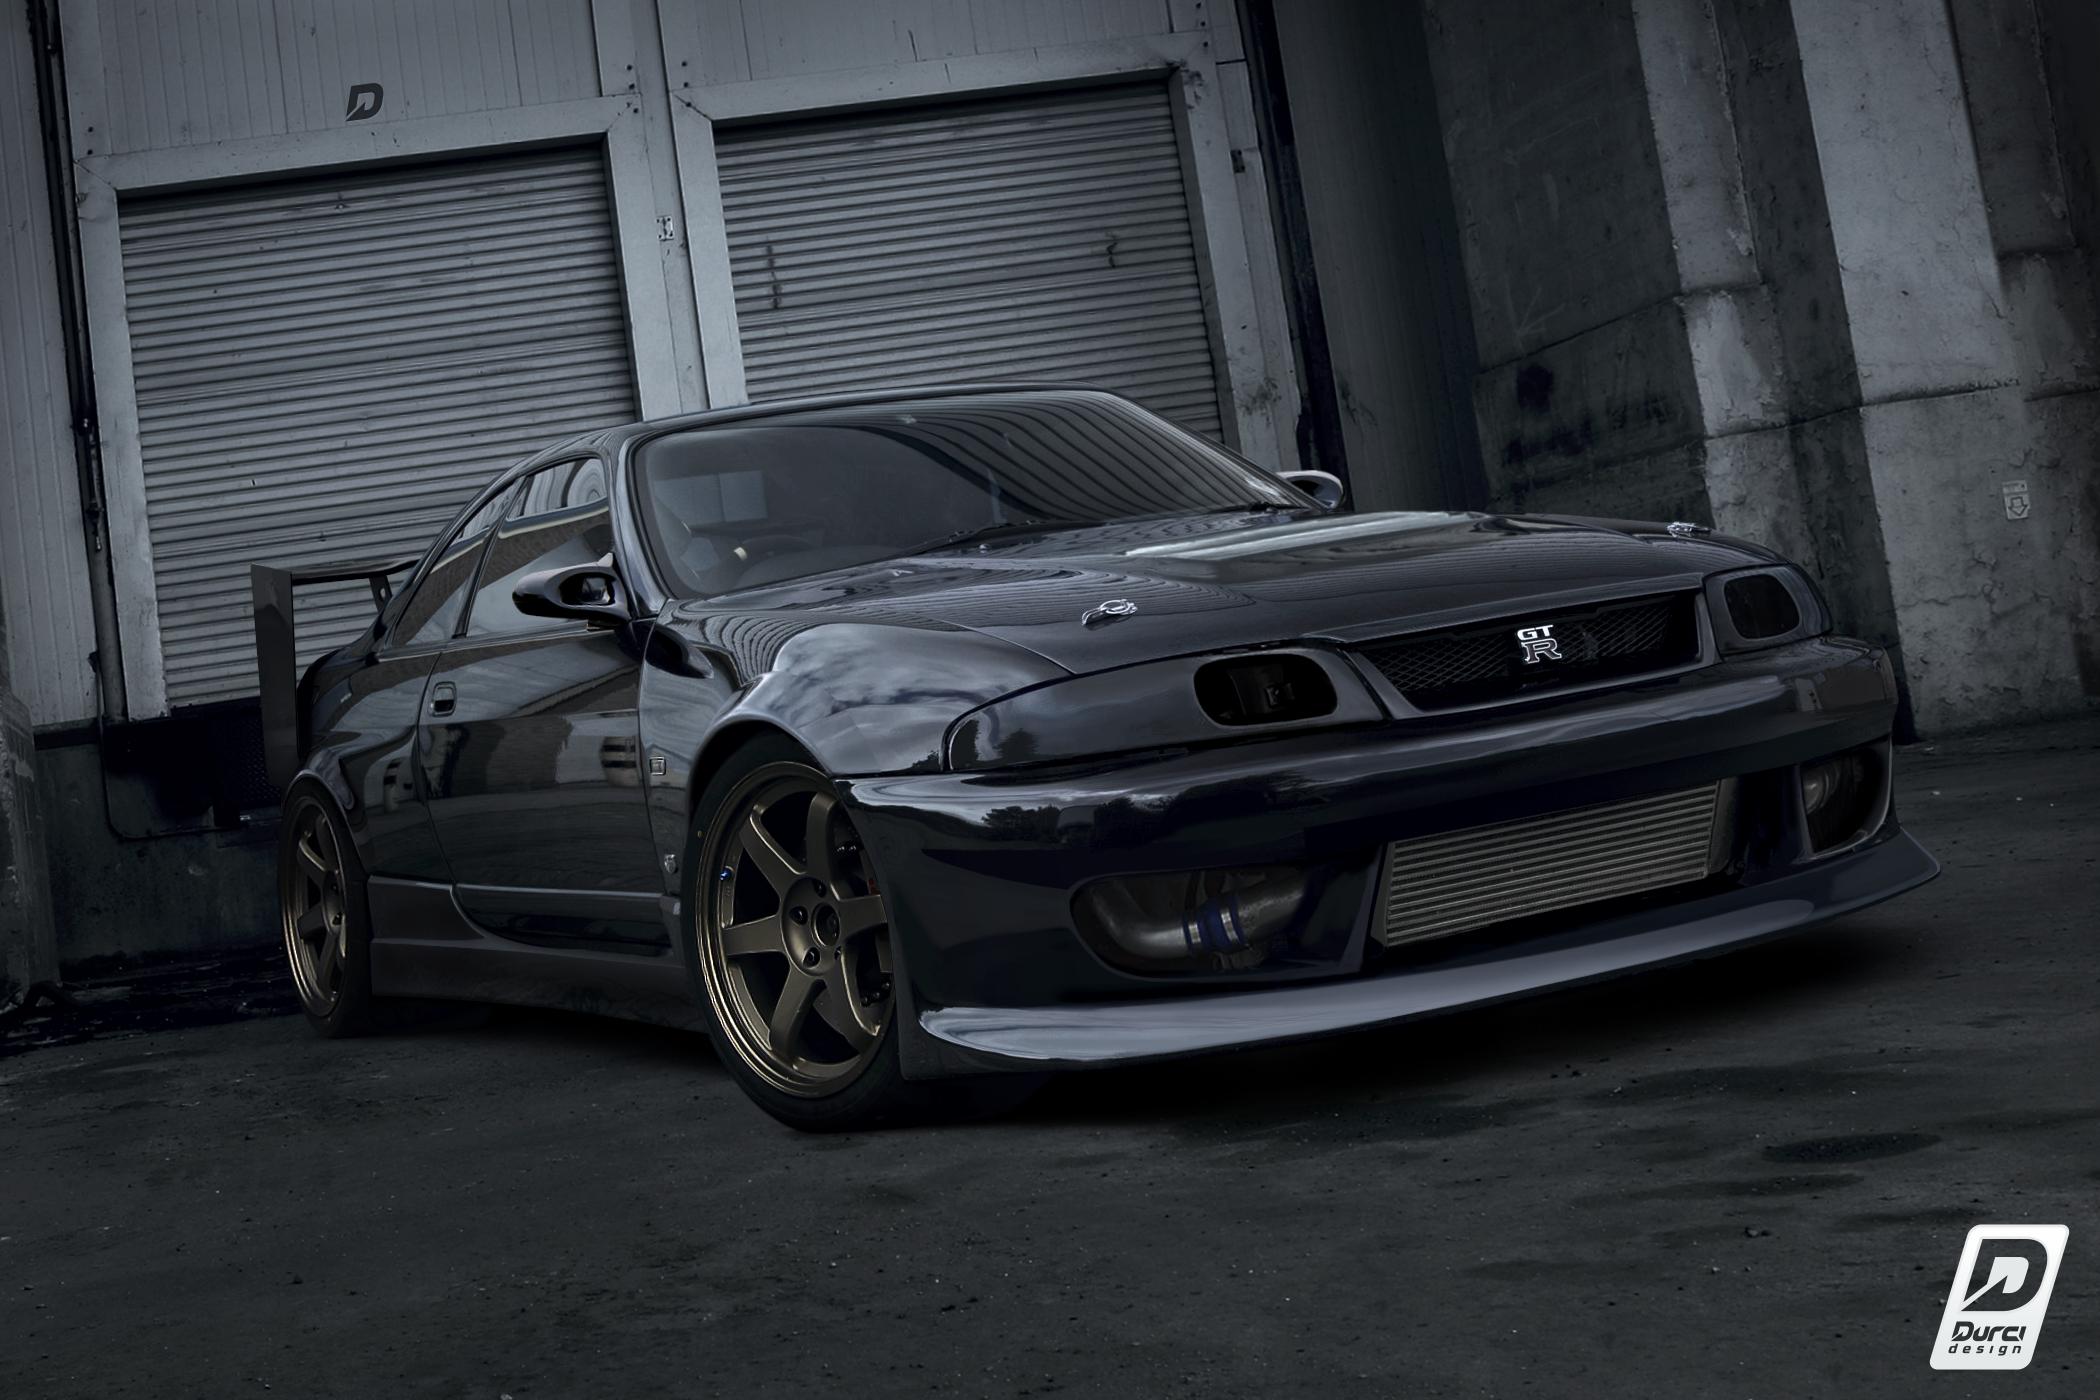 Durci Design Nissan Skyline R33 Drift Spec